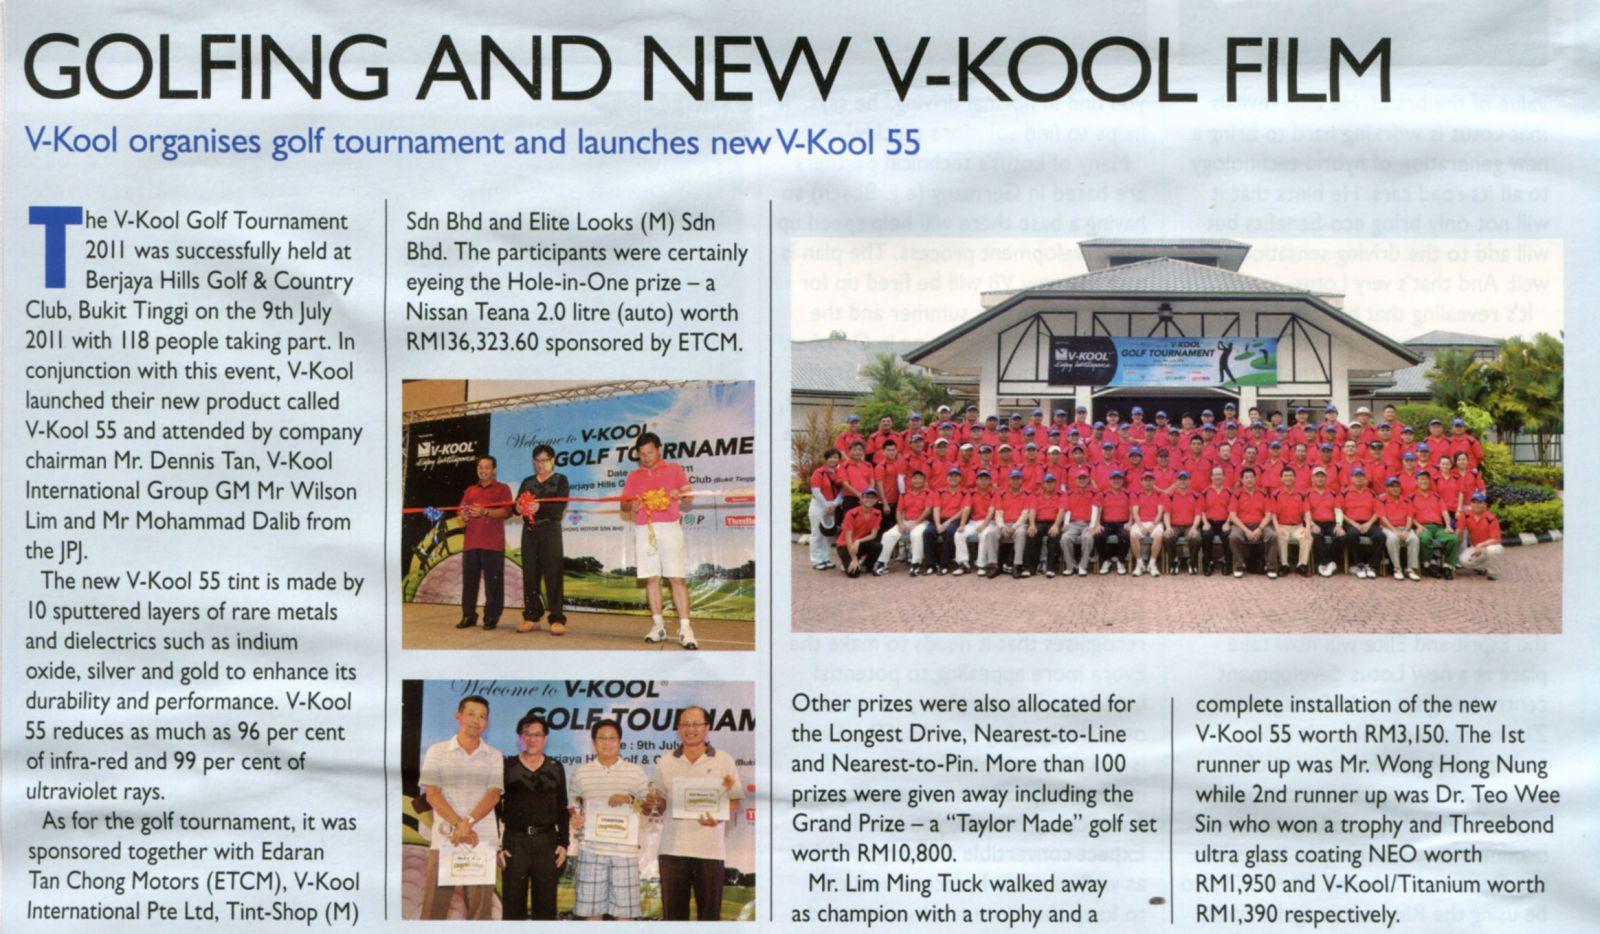 Golfing and new V-KOOL Film - EVO Magazine